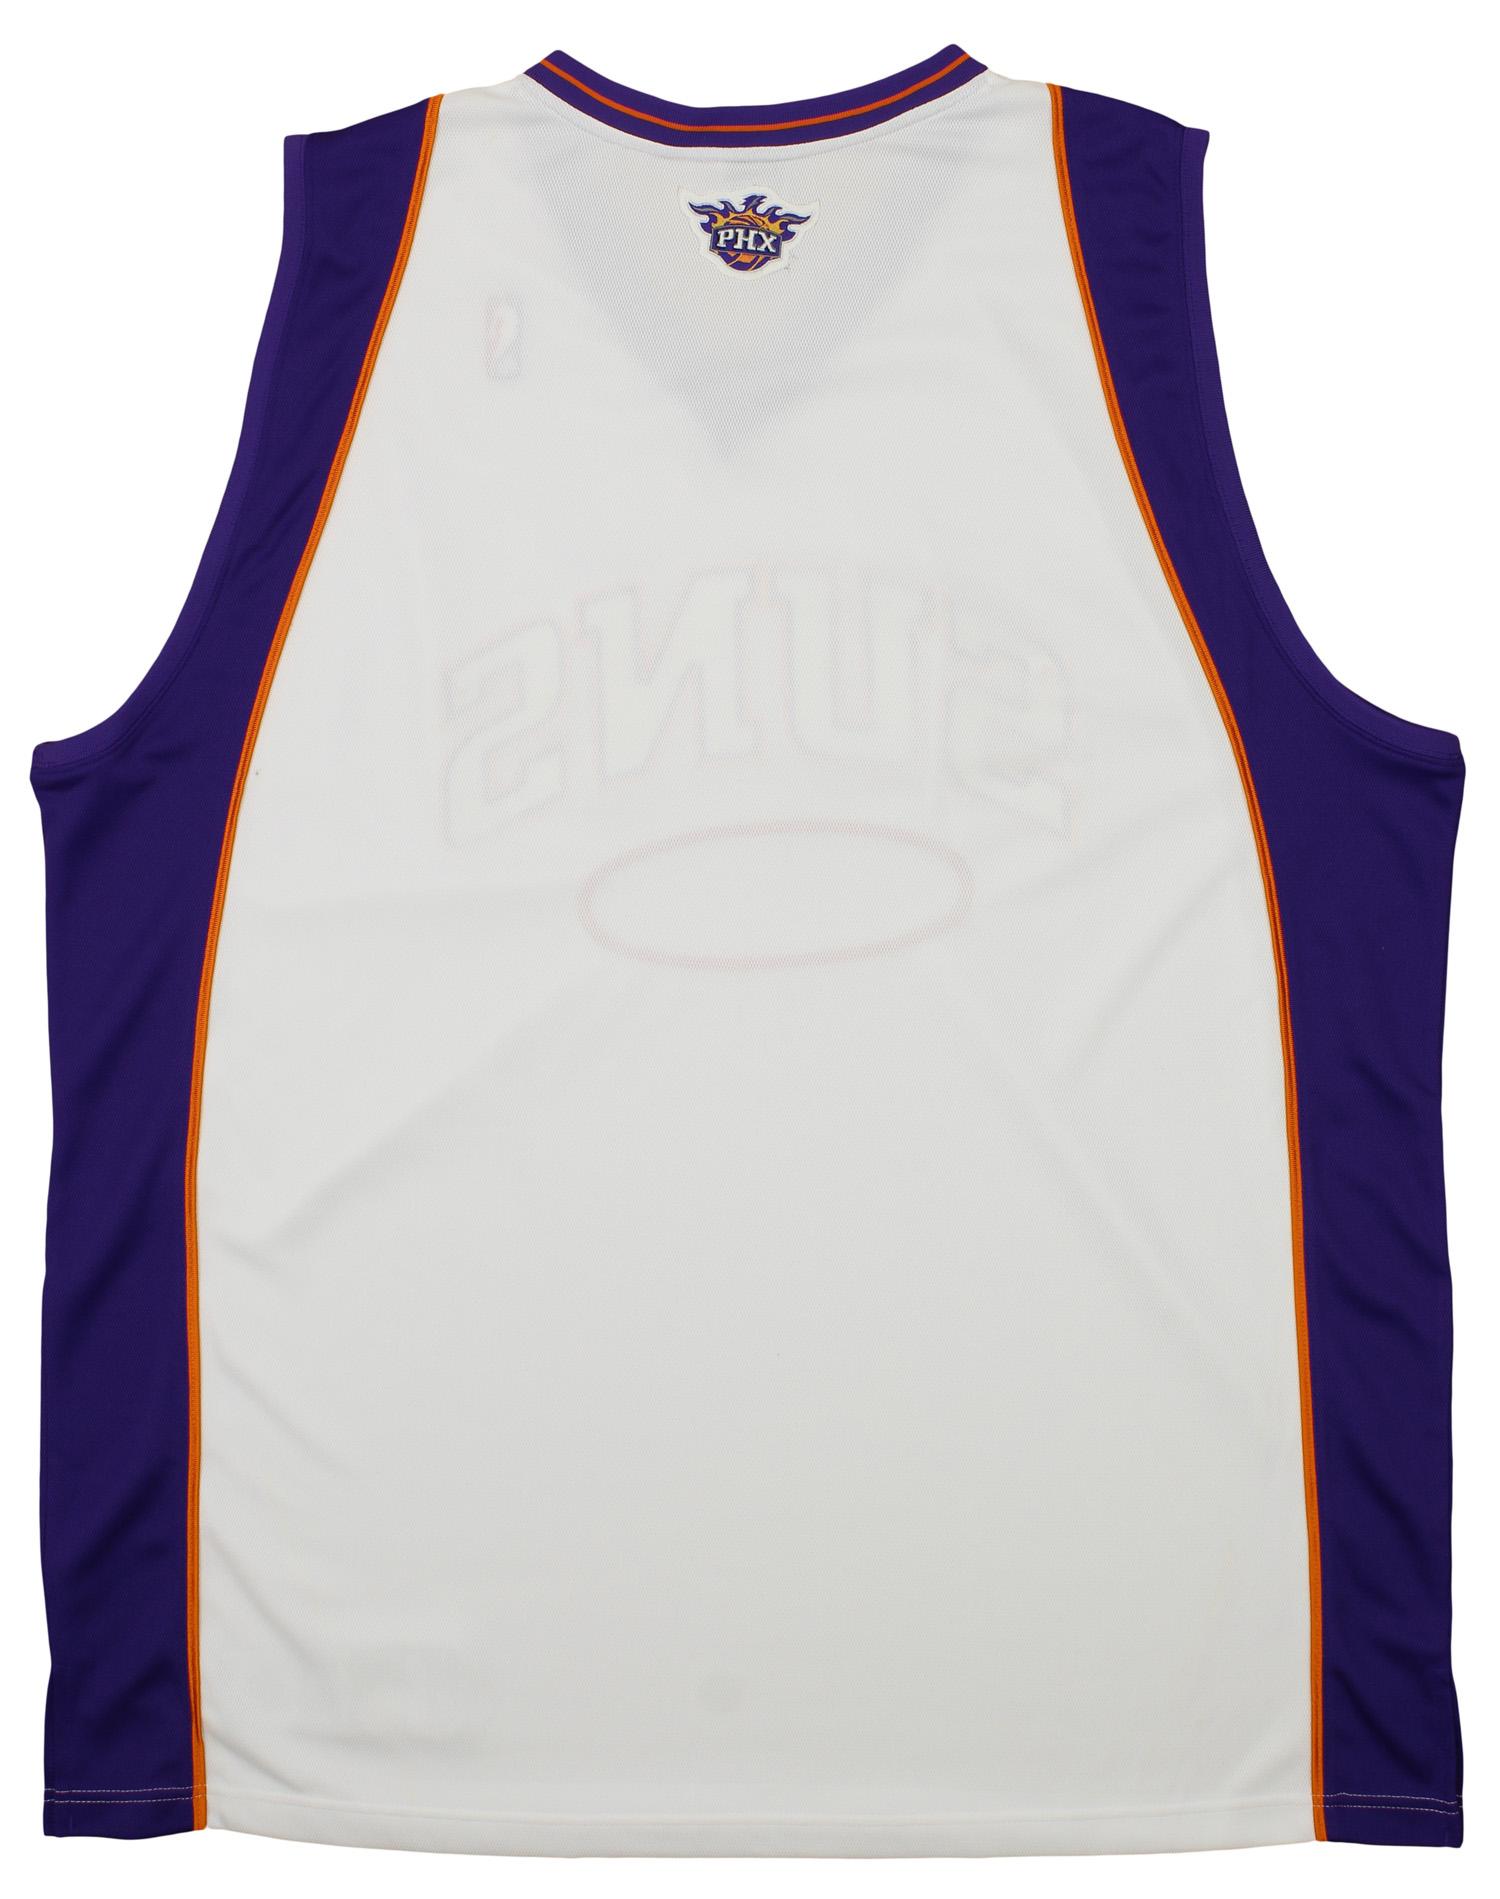 b09fffe3974 Adidas NBA Men s Phoenix Suns Blank Basketball Jersey